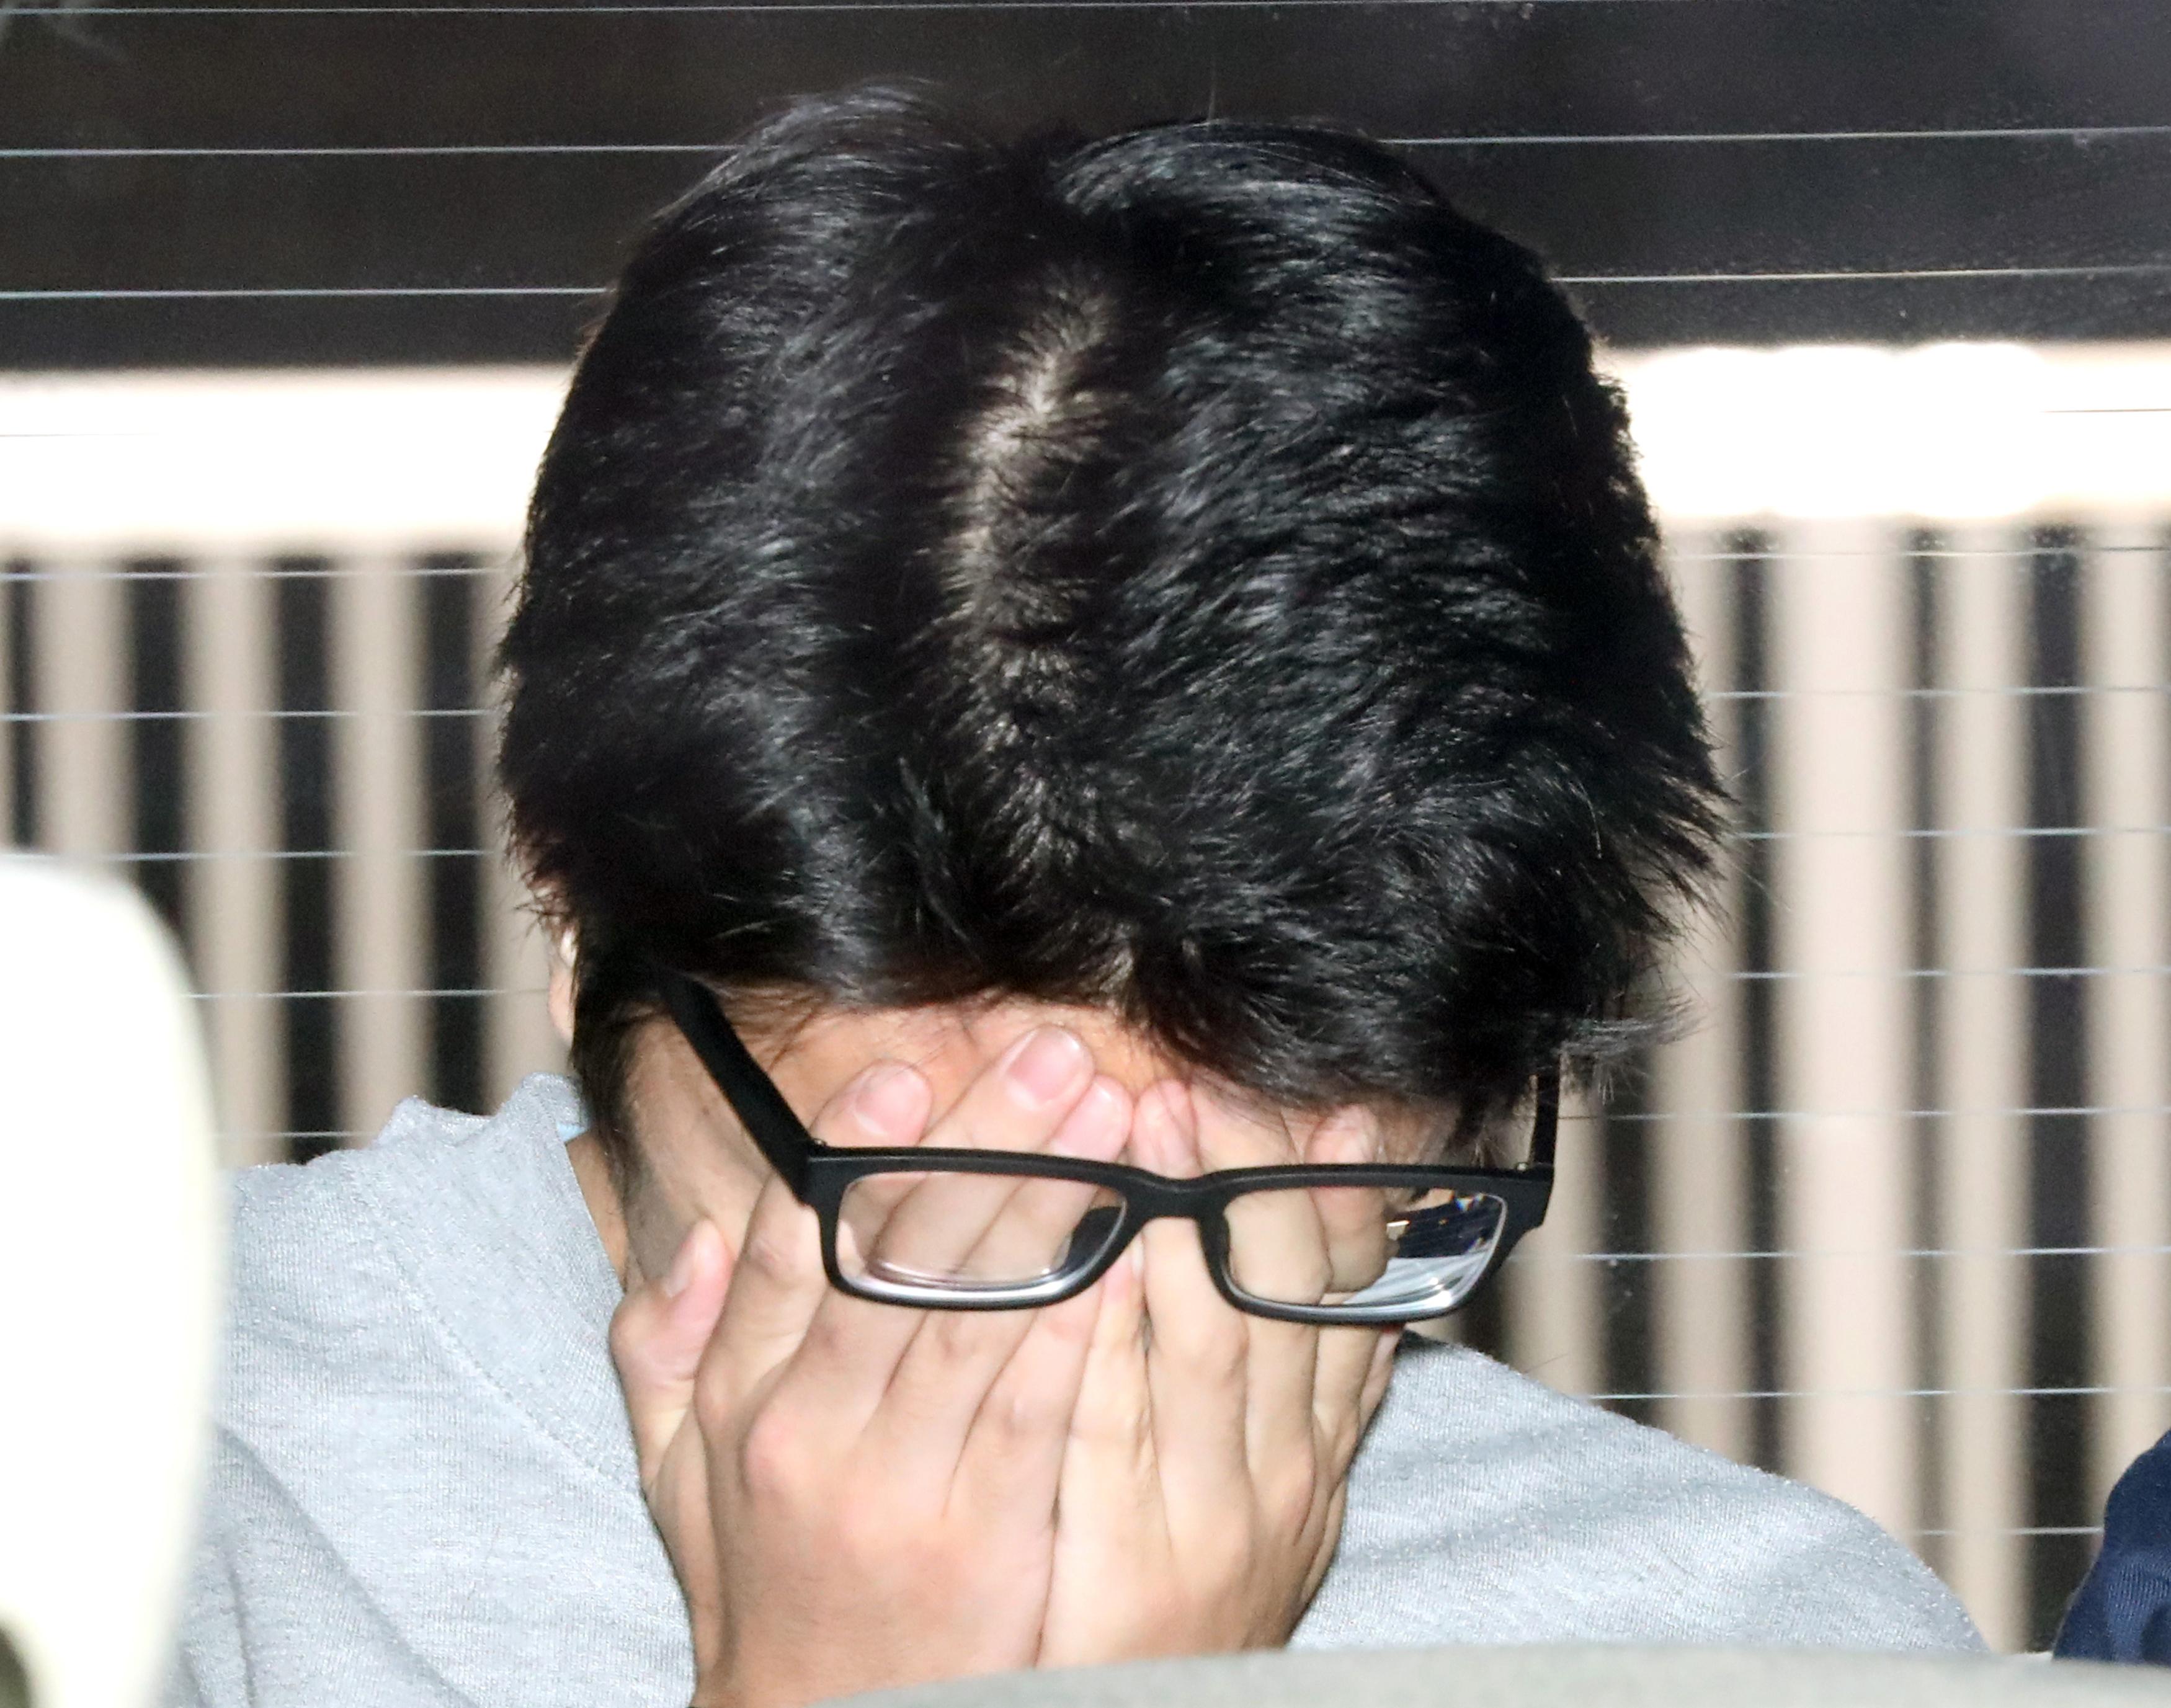 Halálbüntetést kértek a japán sorozatgyilkosra, aki öngyilkosságot fontolgató nőket darabolt fel